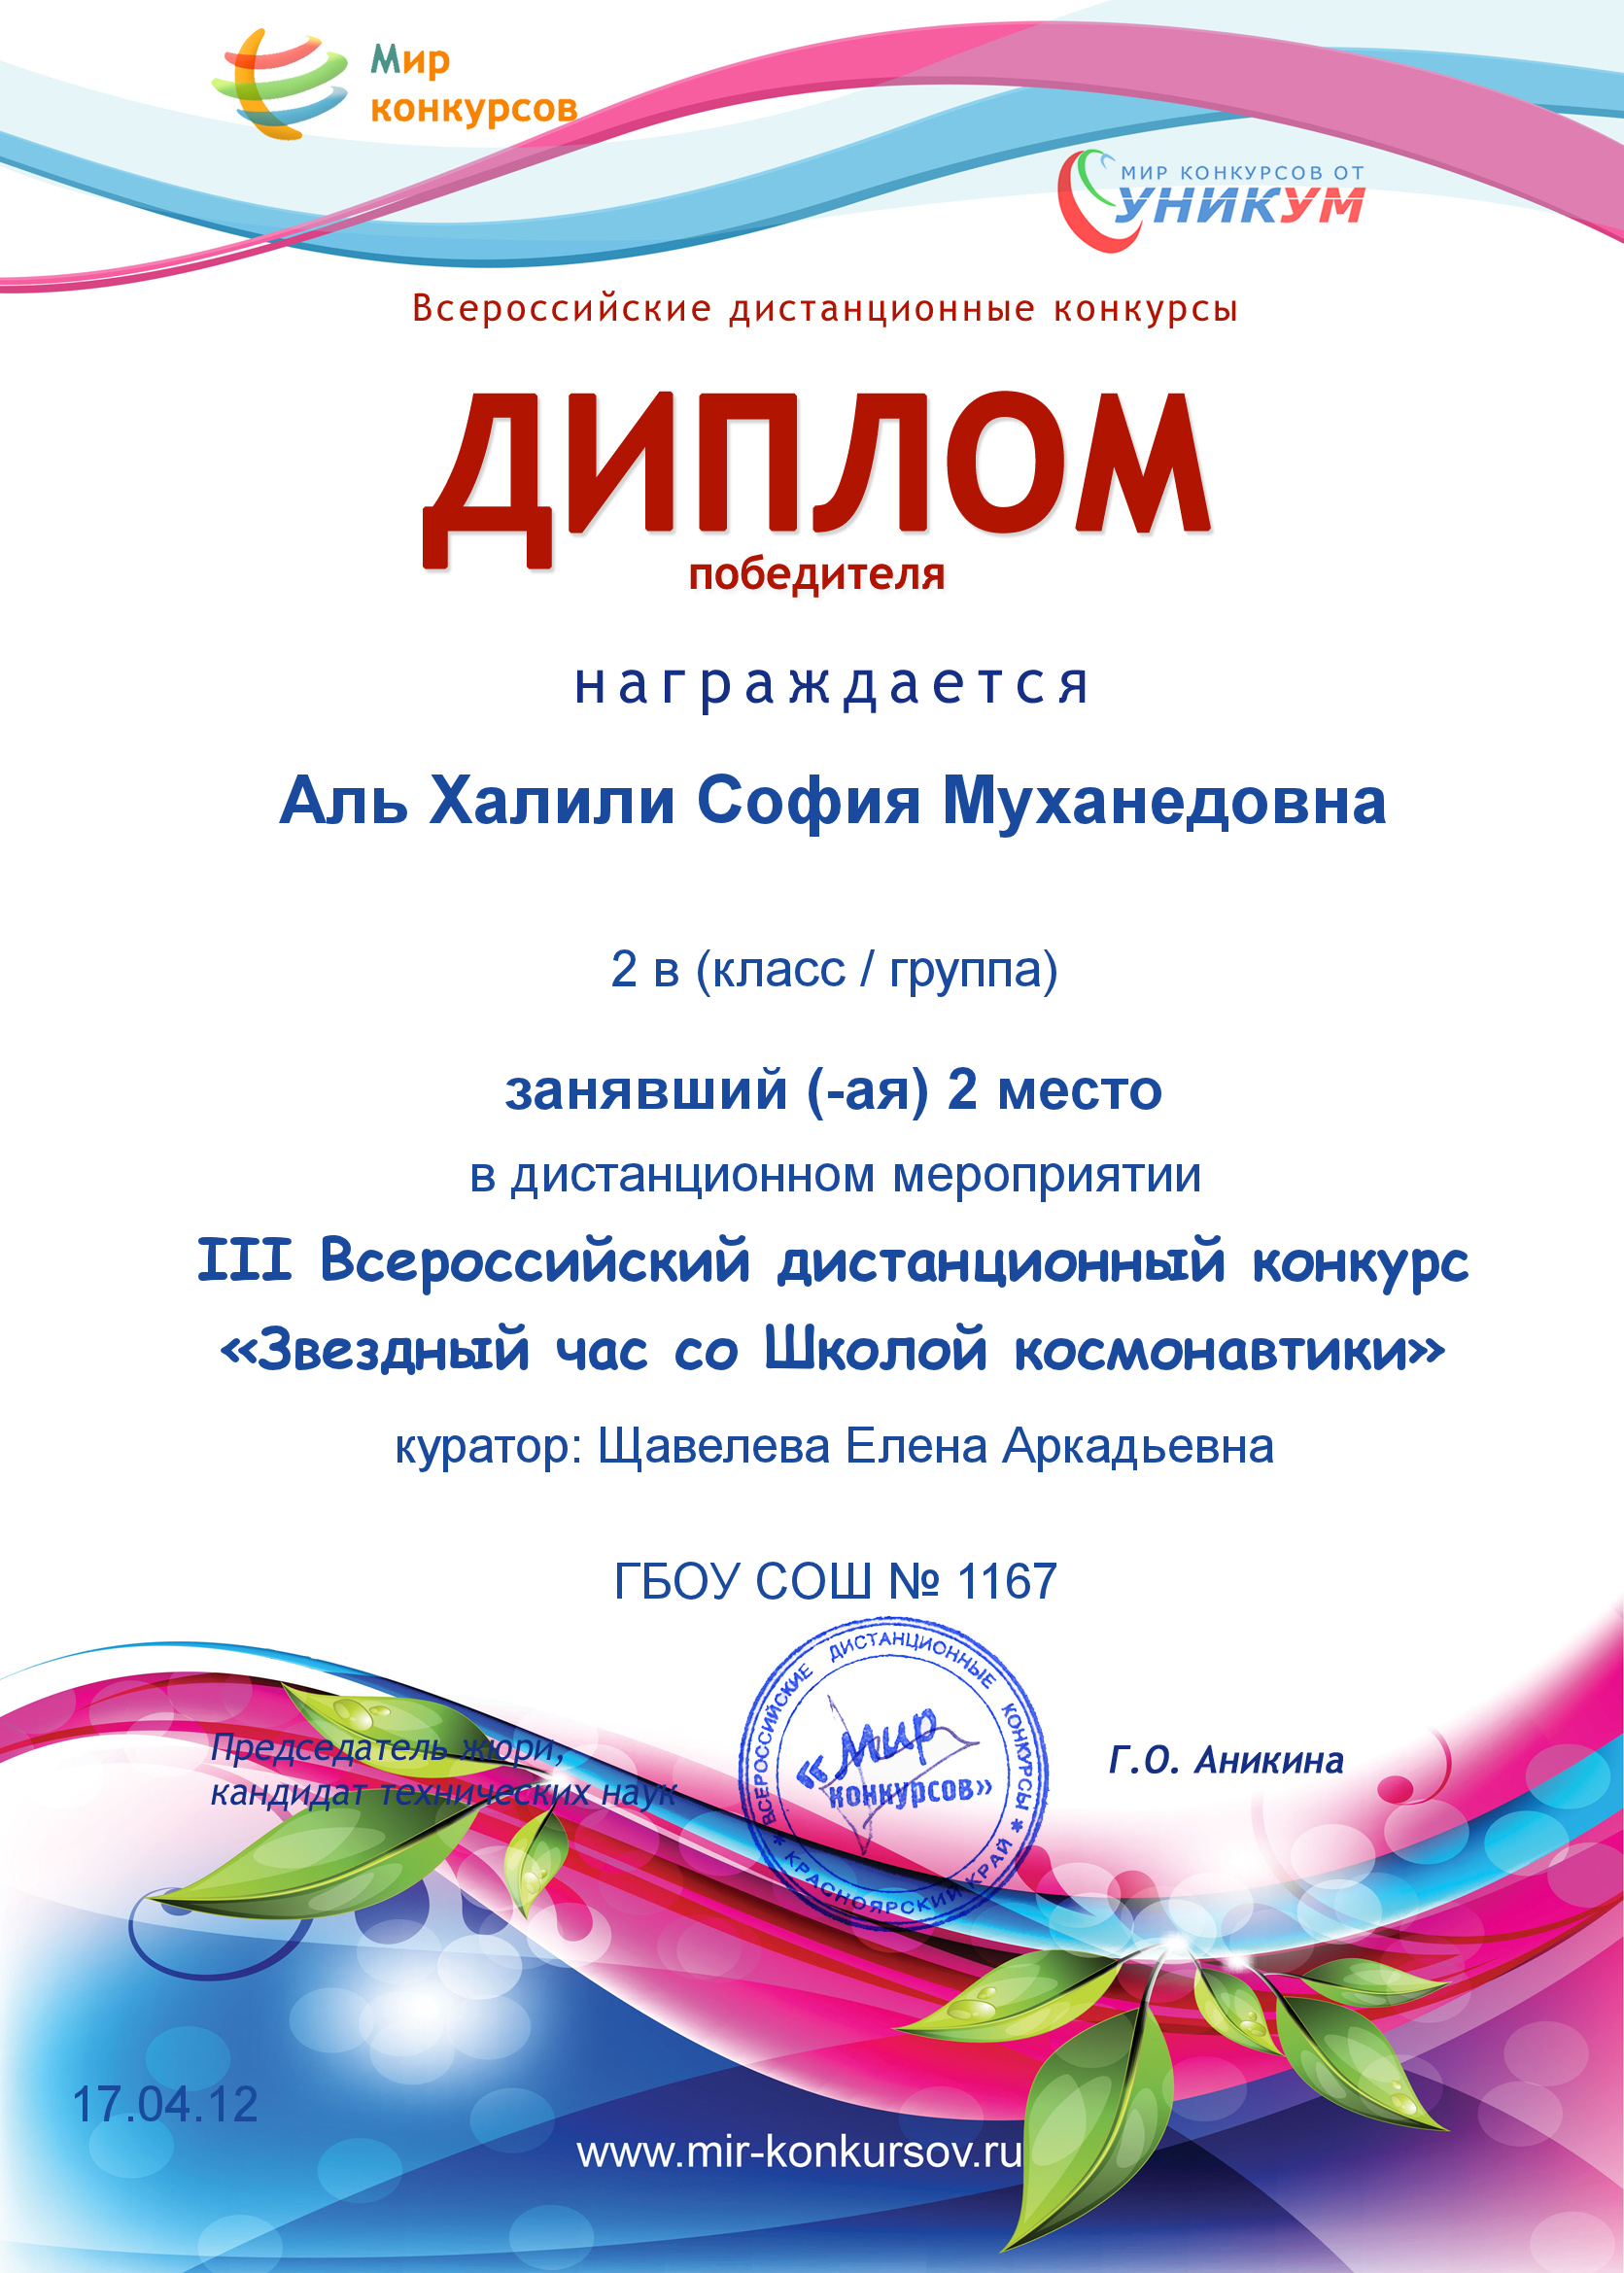 Итоги всероссийского конкурс рисунков